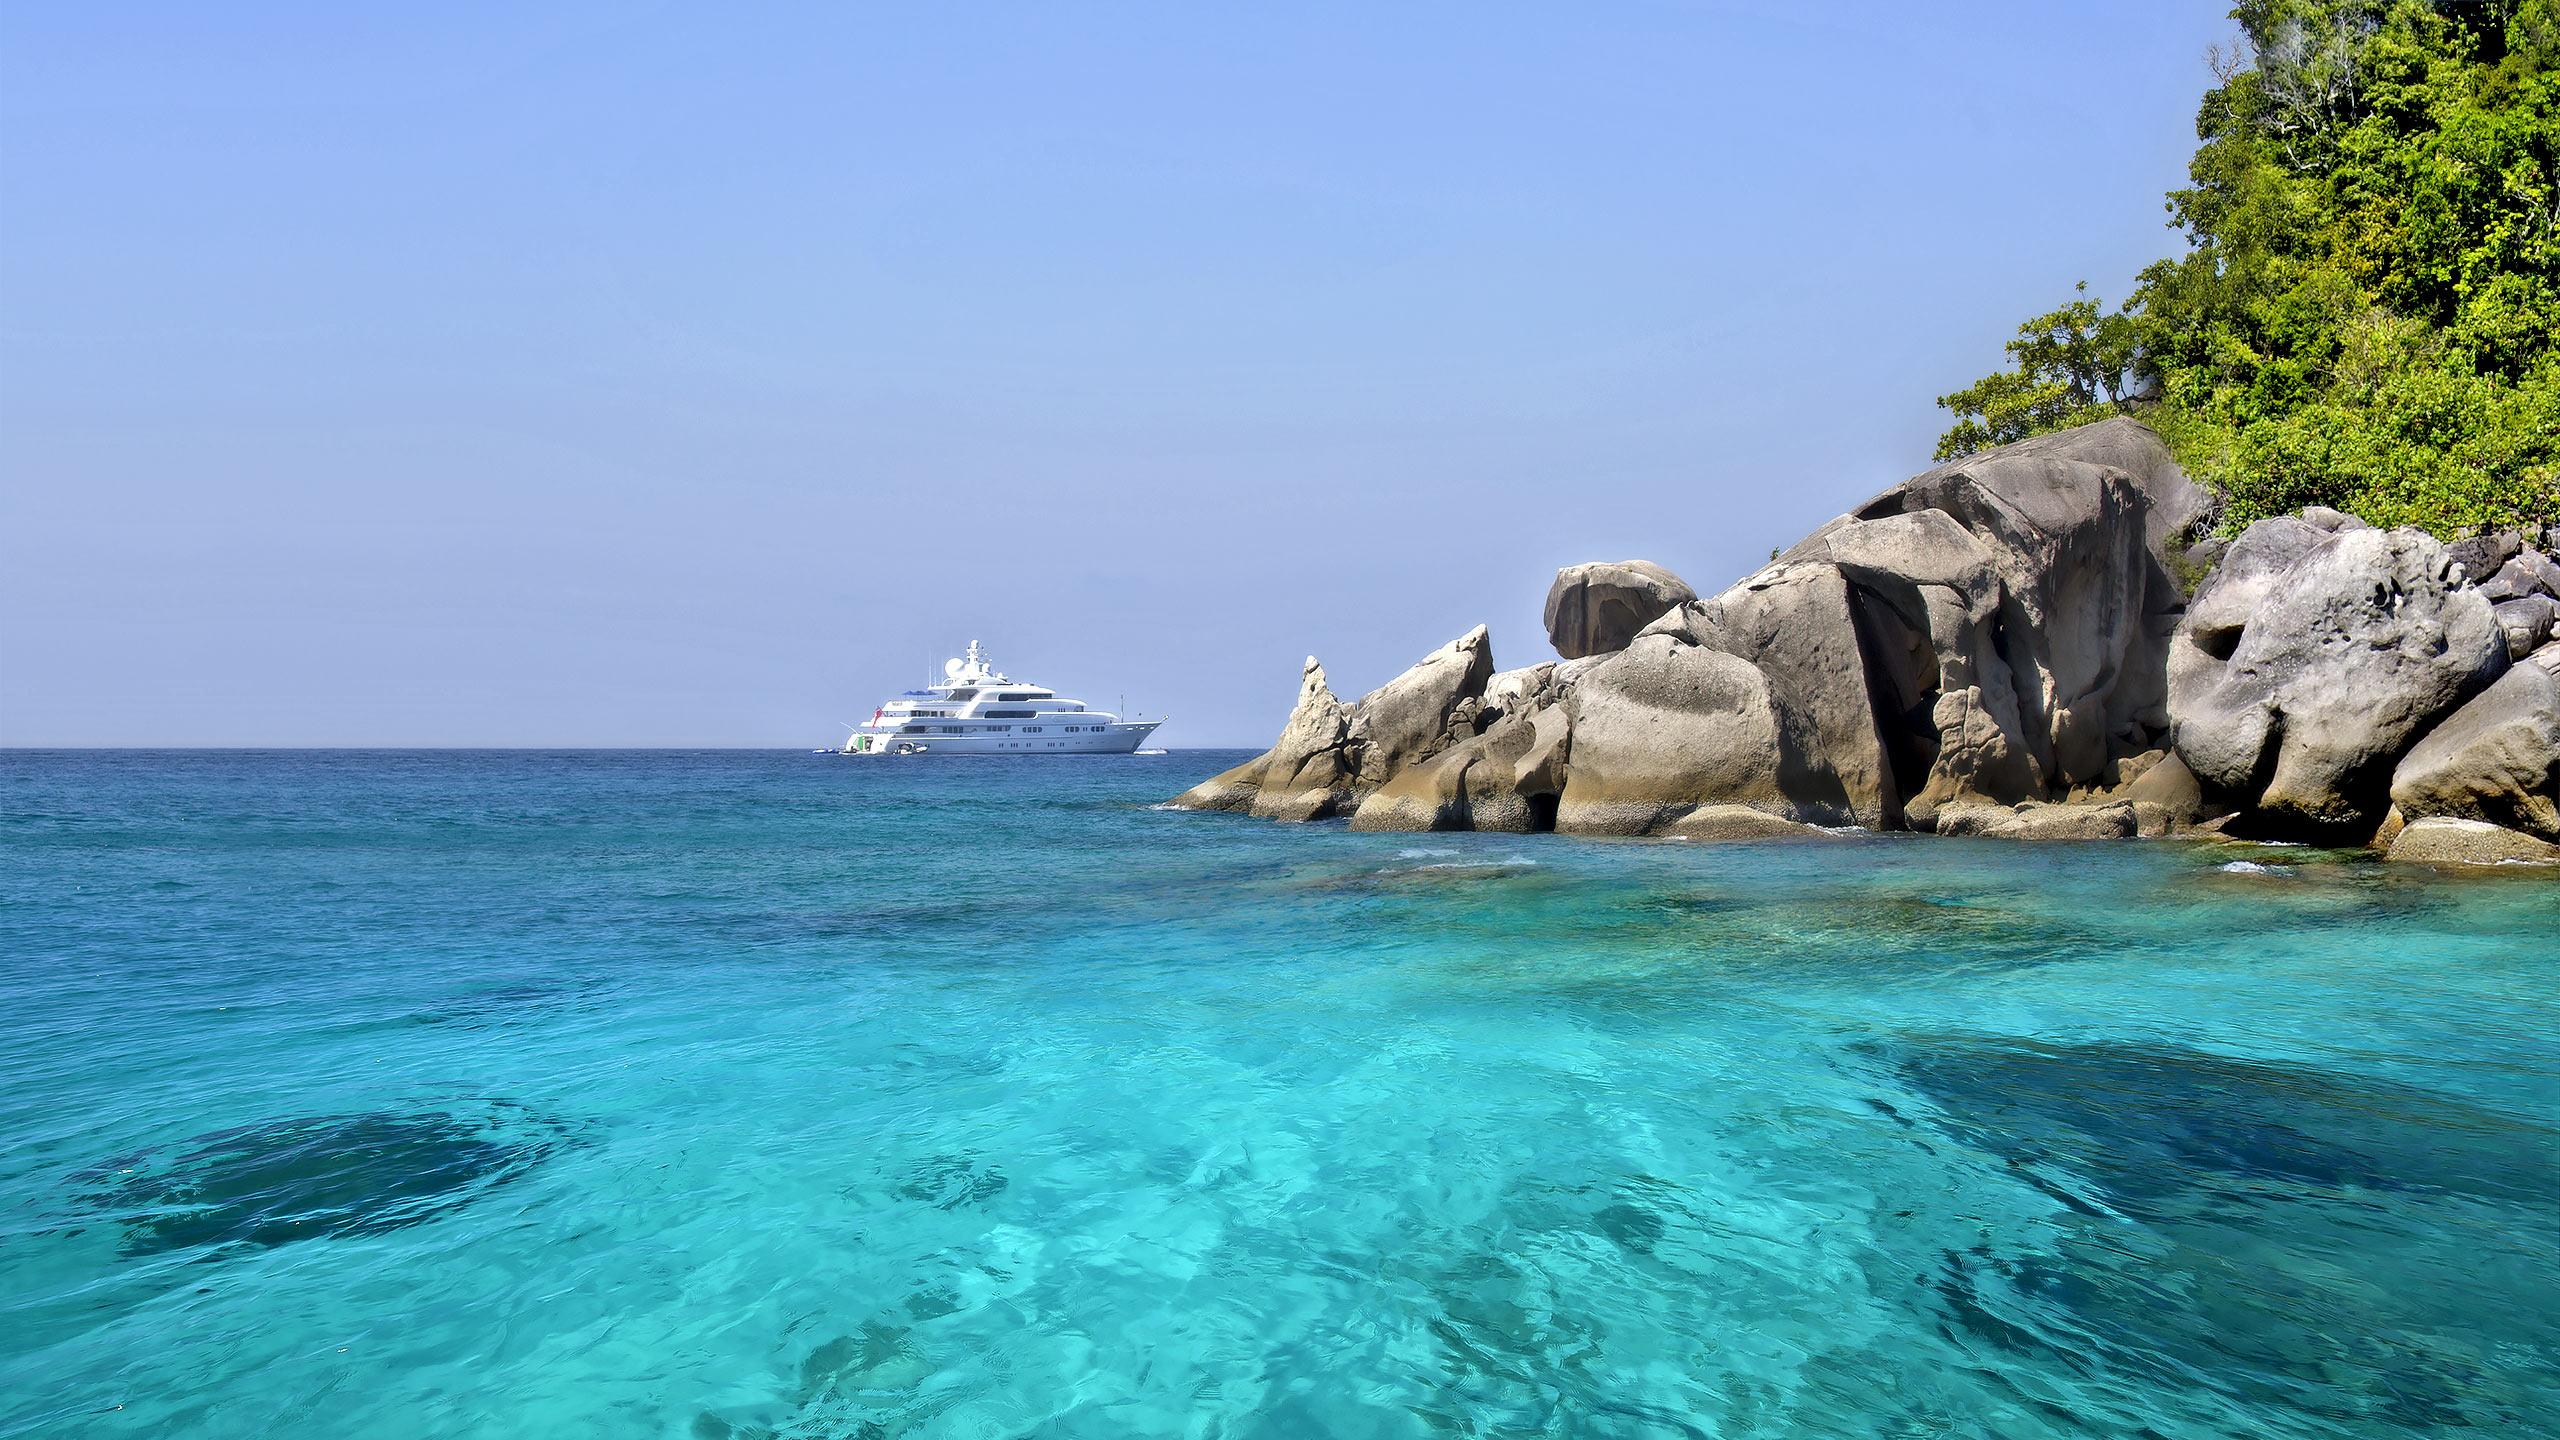 Cruising Thailand by Superyacht.